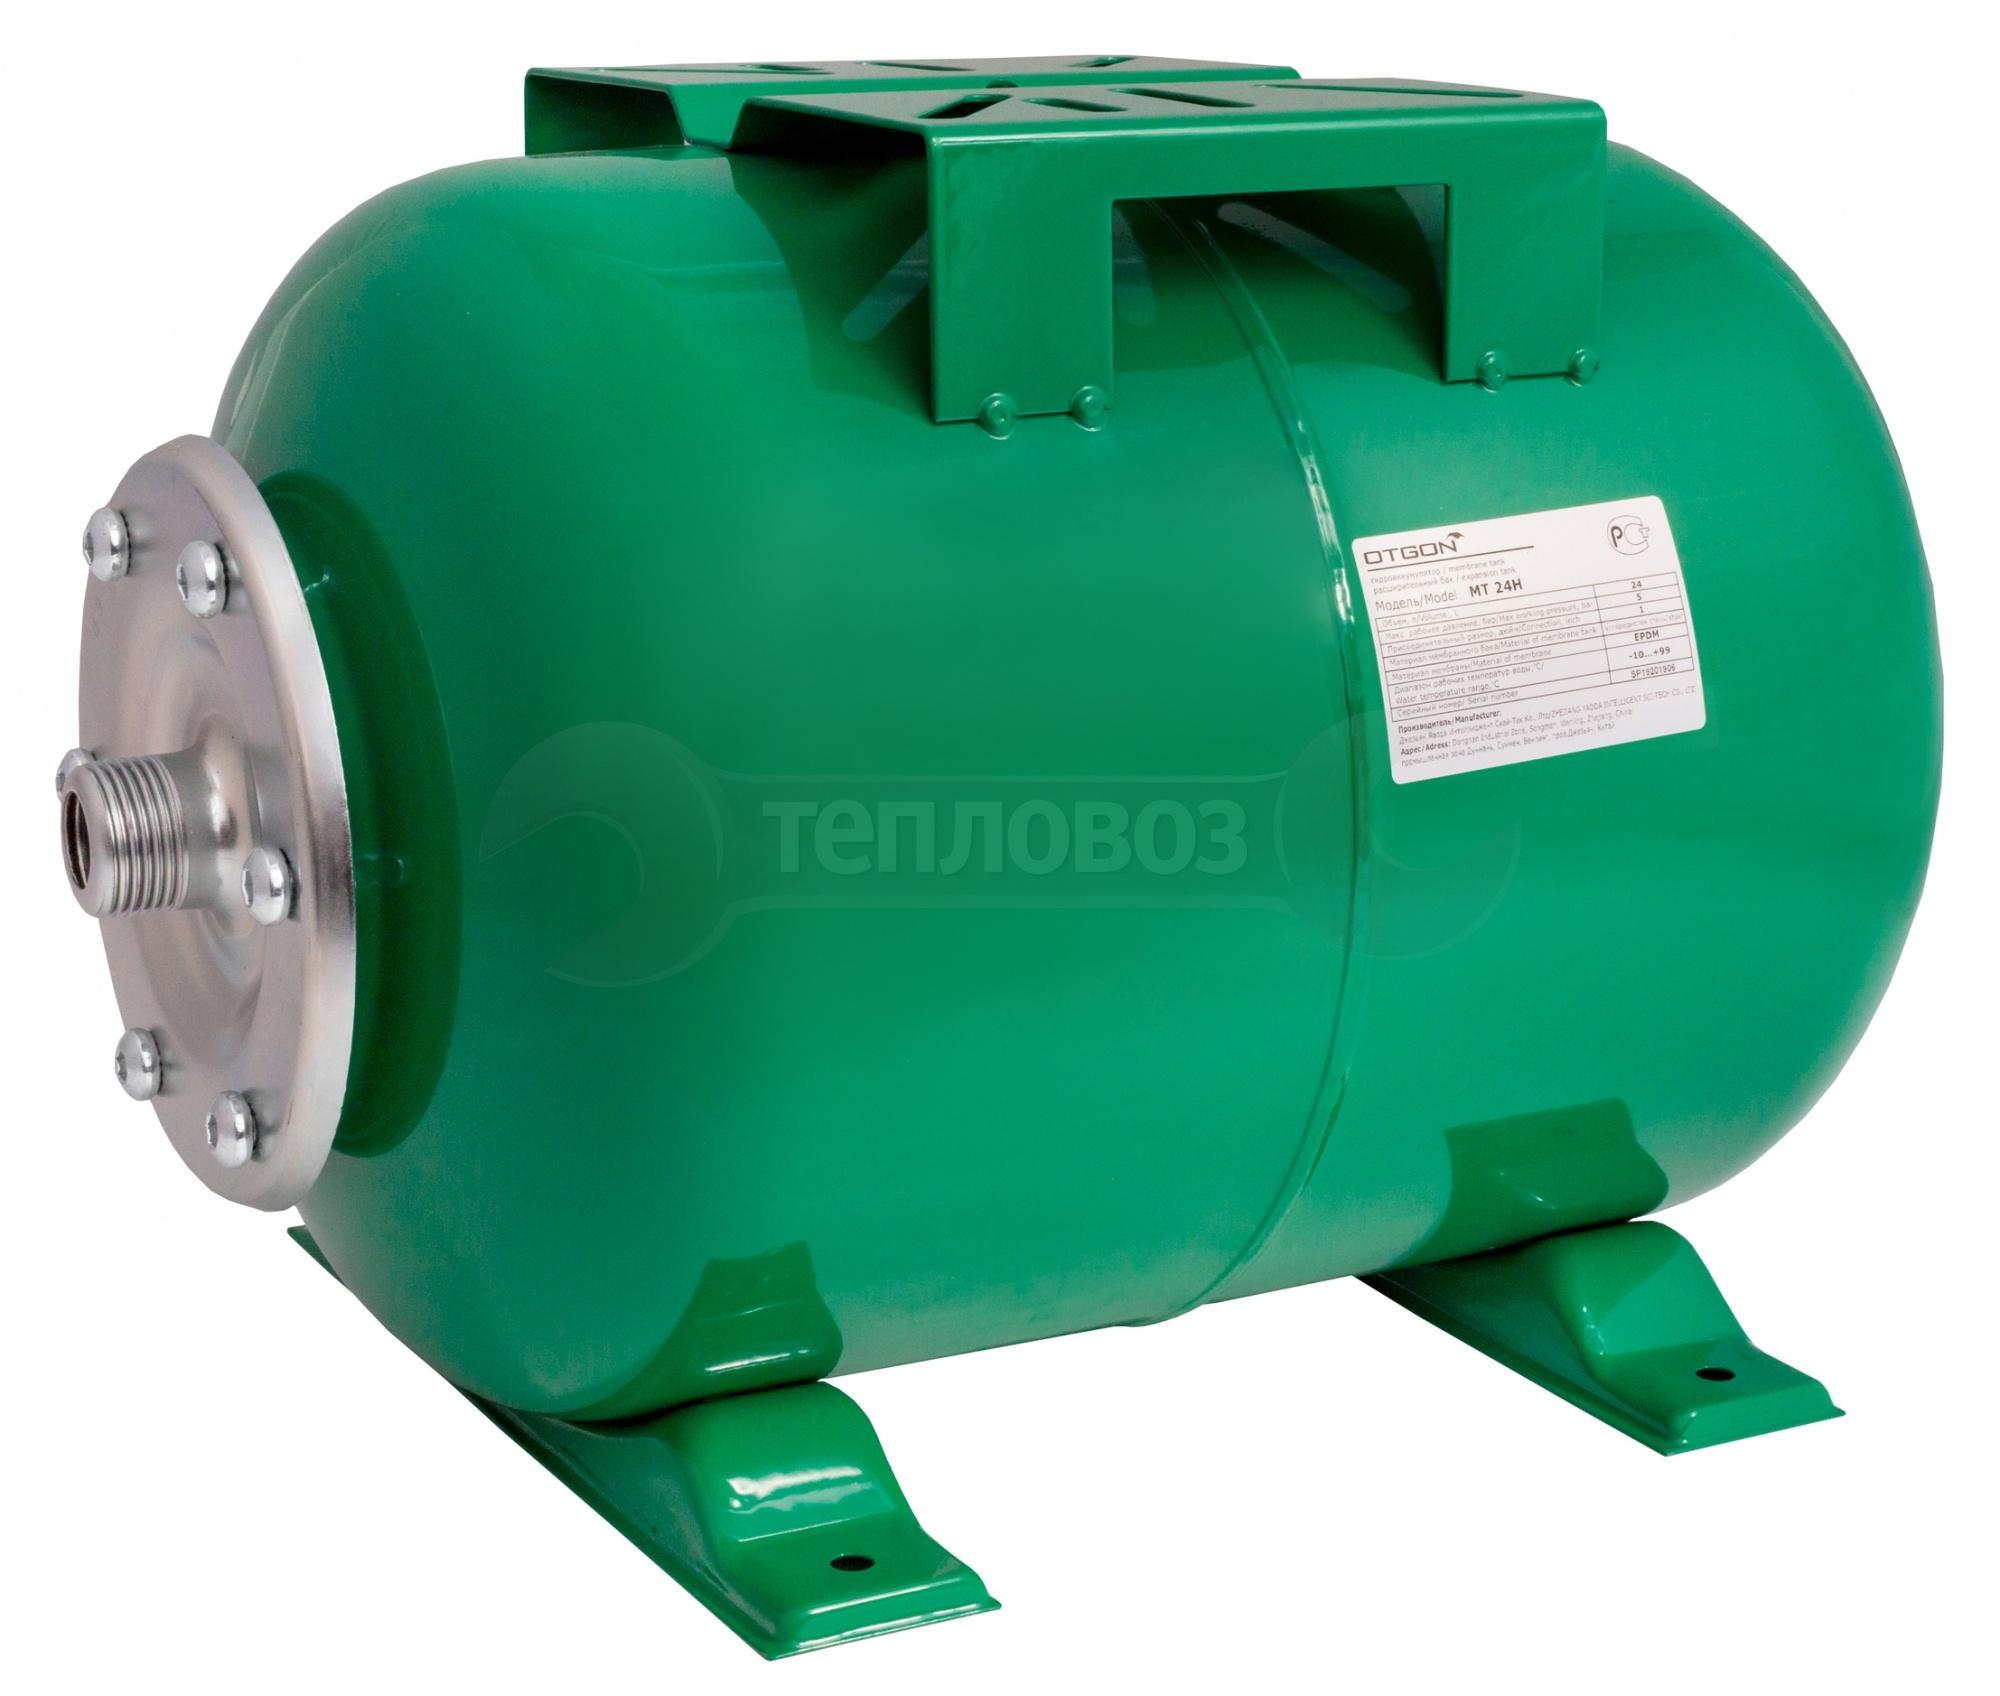 Купить Otgon MT 24H, 24 л горизонтальный, без манометра в интернет-магазине Дождь